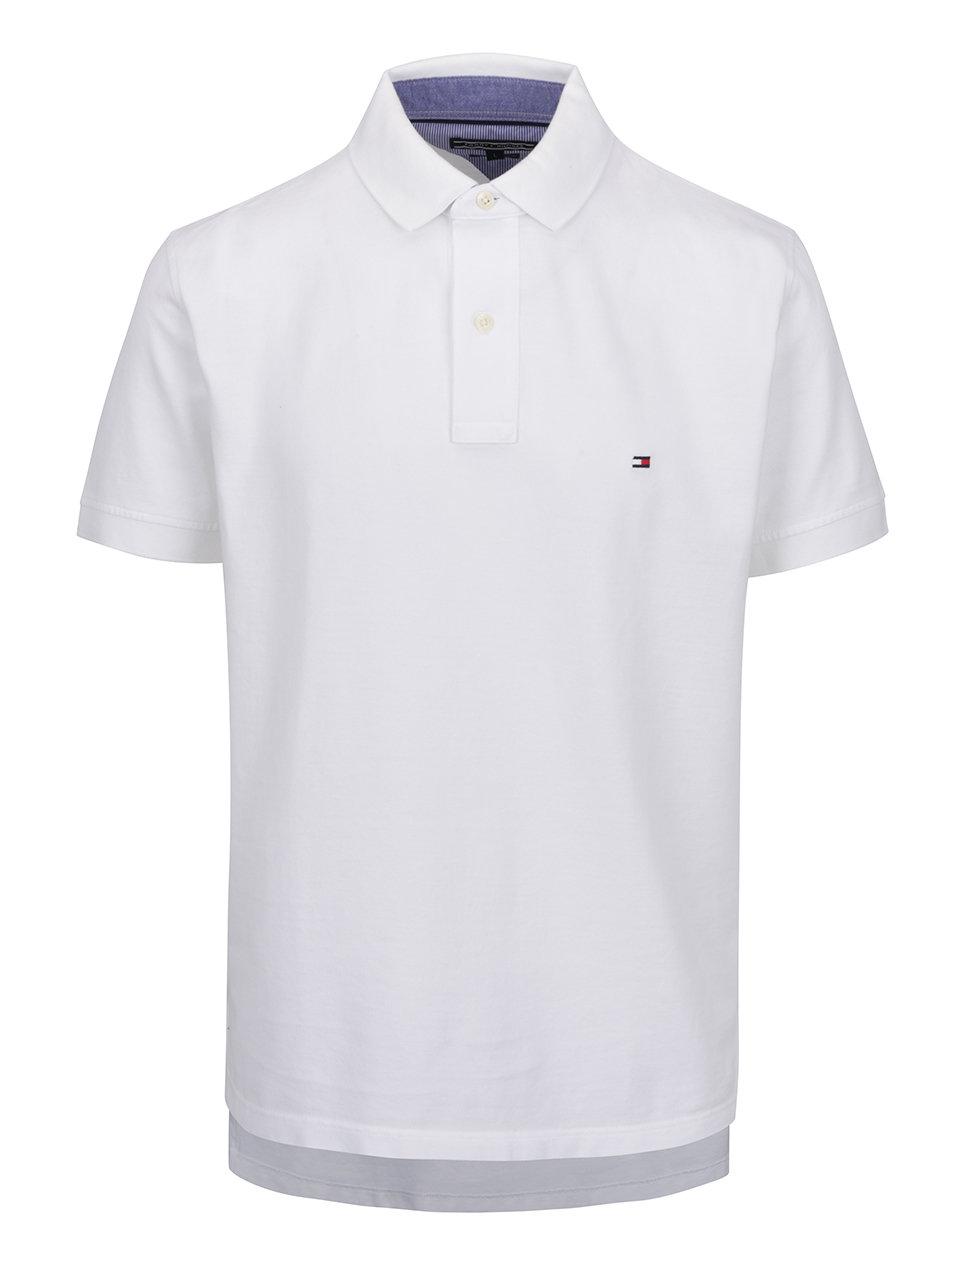 Bílé pánské polo tričko Tommy Hilfiger ... 2e1185c617